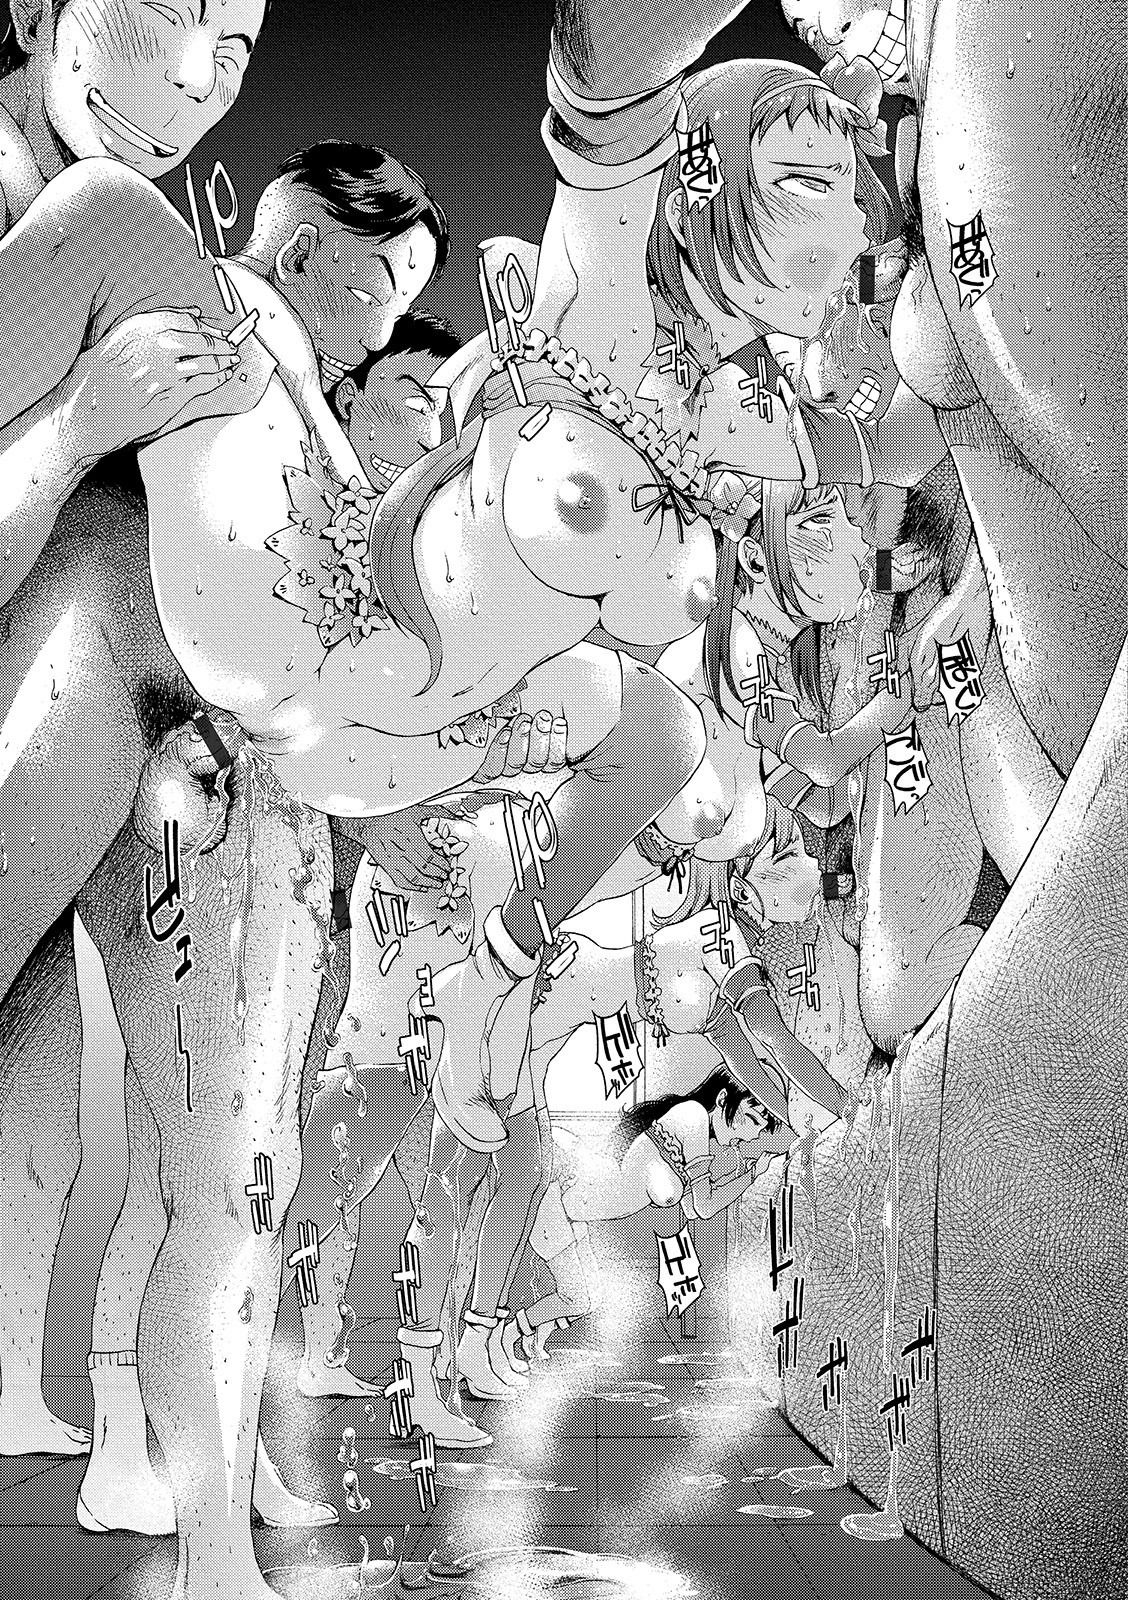 【エロ漫画】かわいい妖精ちゃんも魔法少女もキモオタデブ男たちのオナホール♡さぁ俺たちのチンコ幸せにしてくれよww